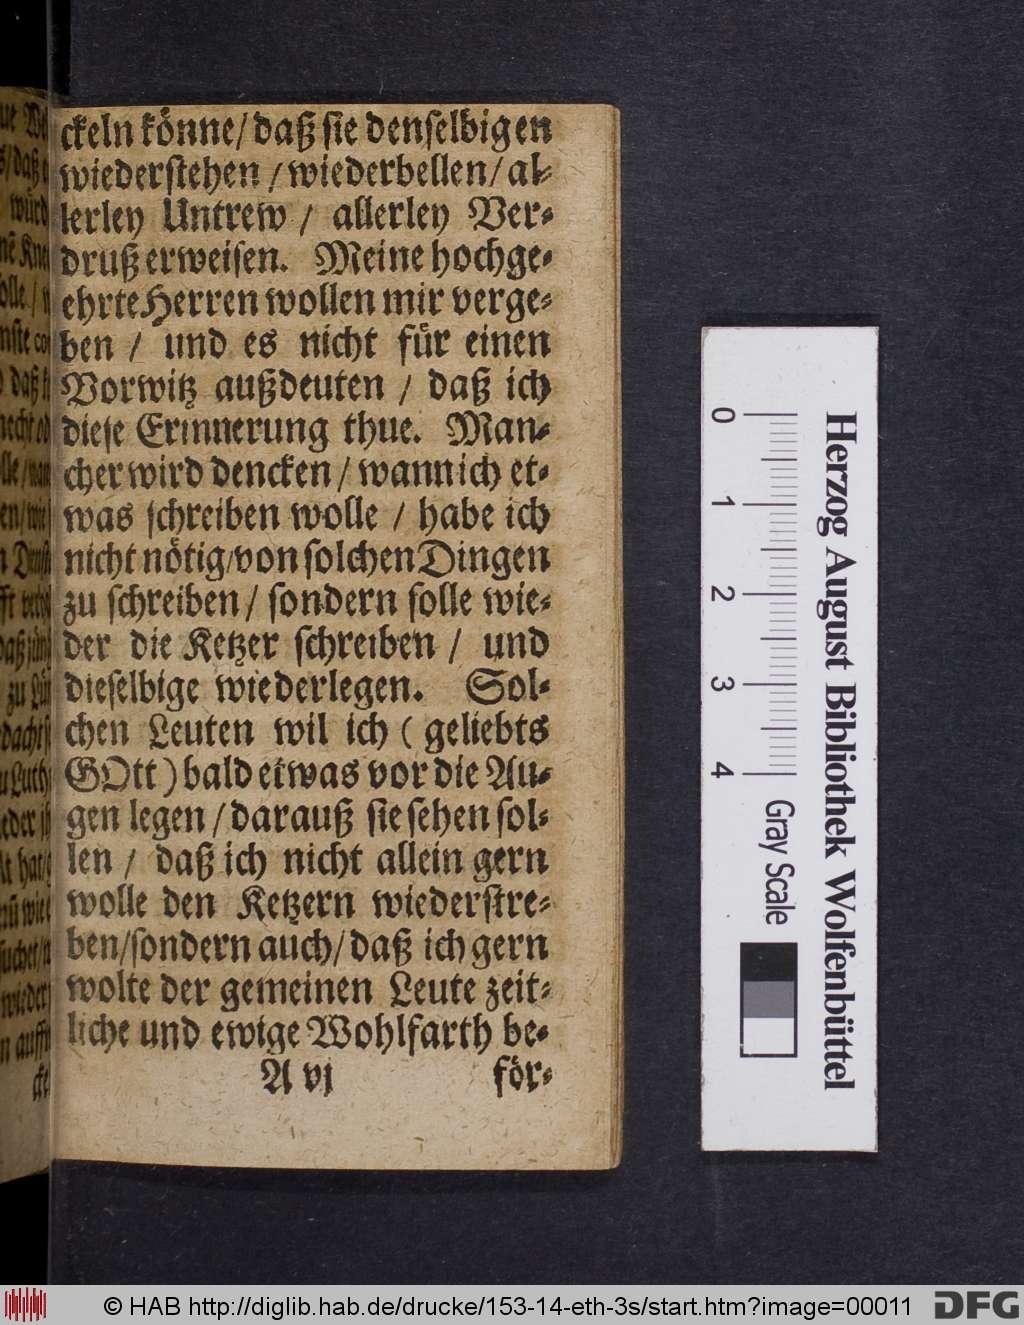 http://diglib.hab.de/drucke/153-14-eth-3s/00011.jpg